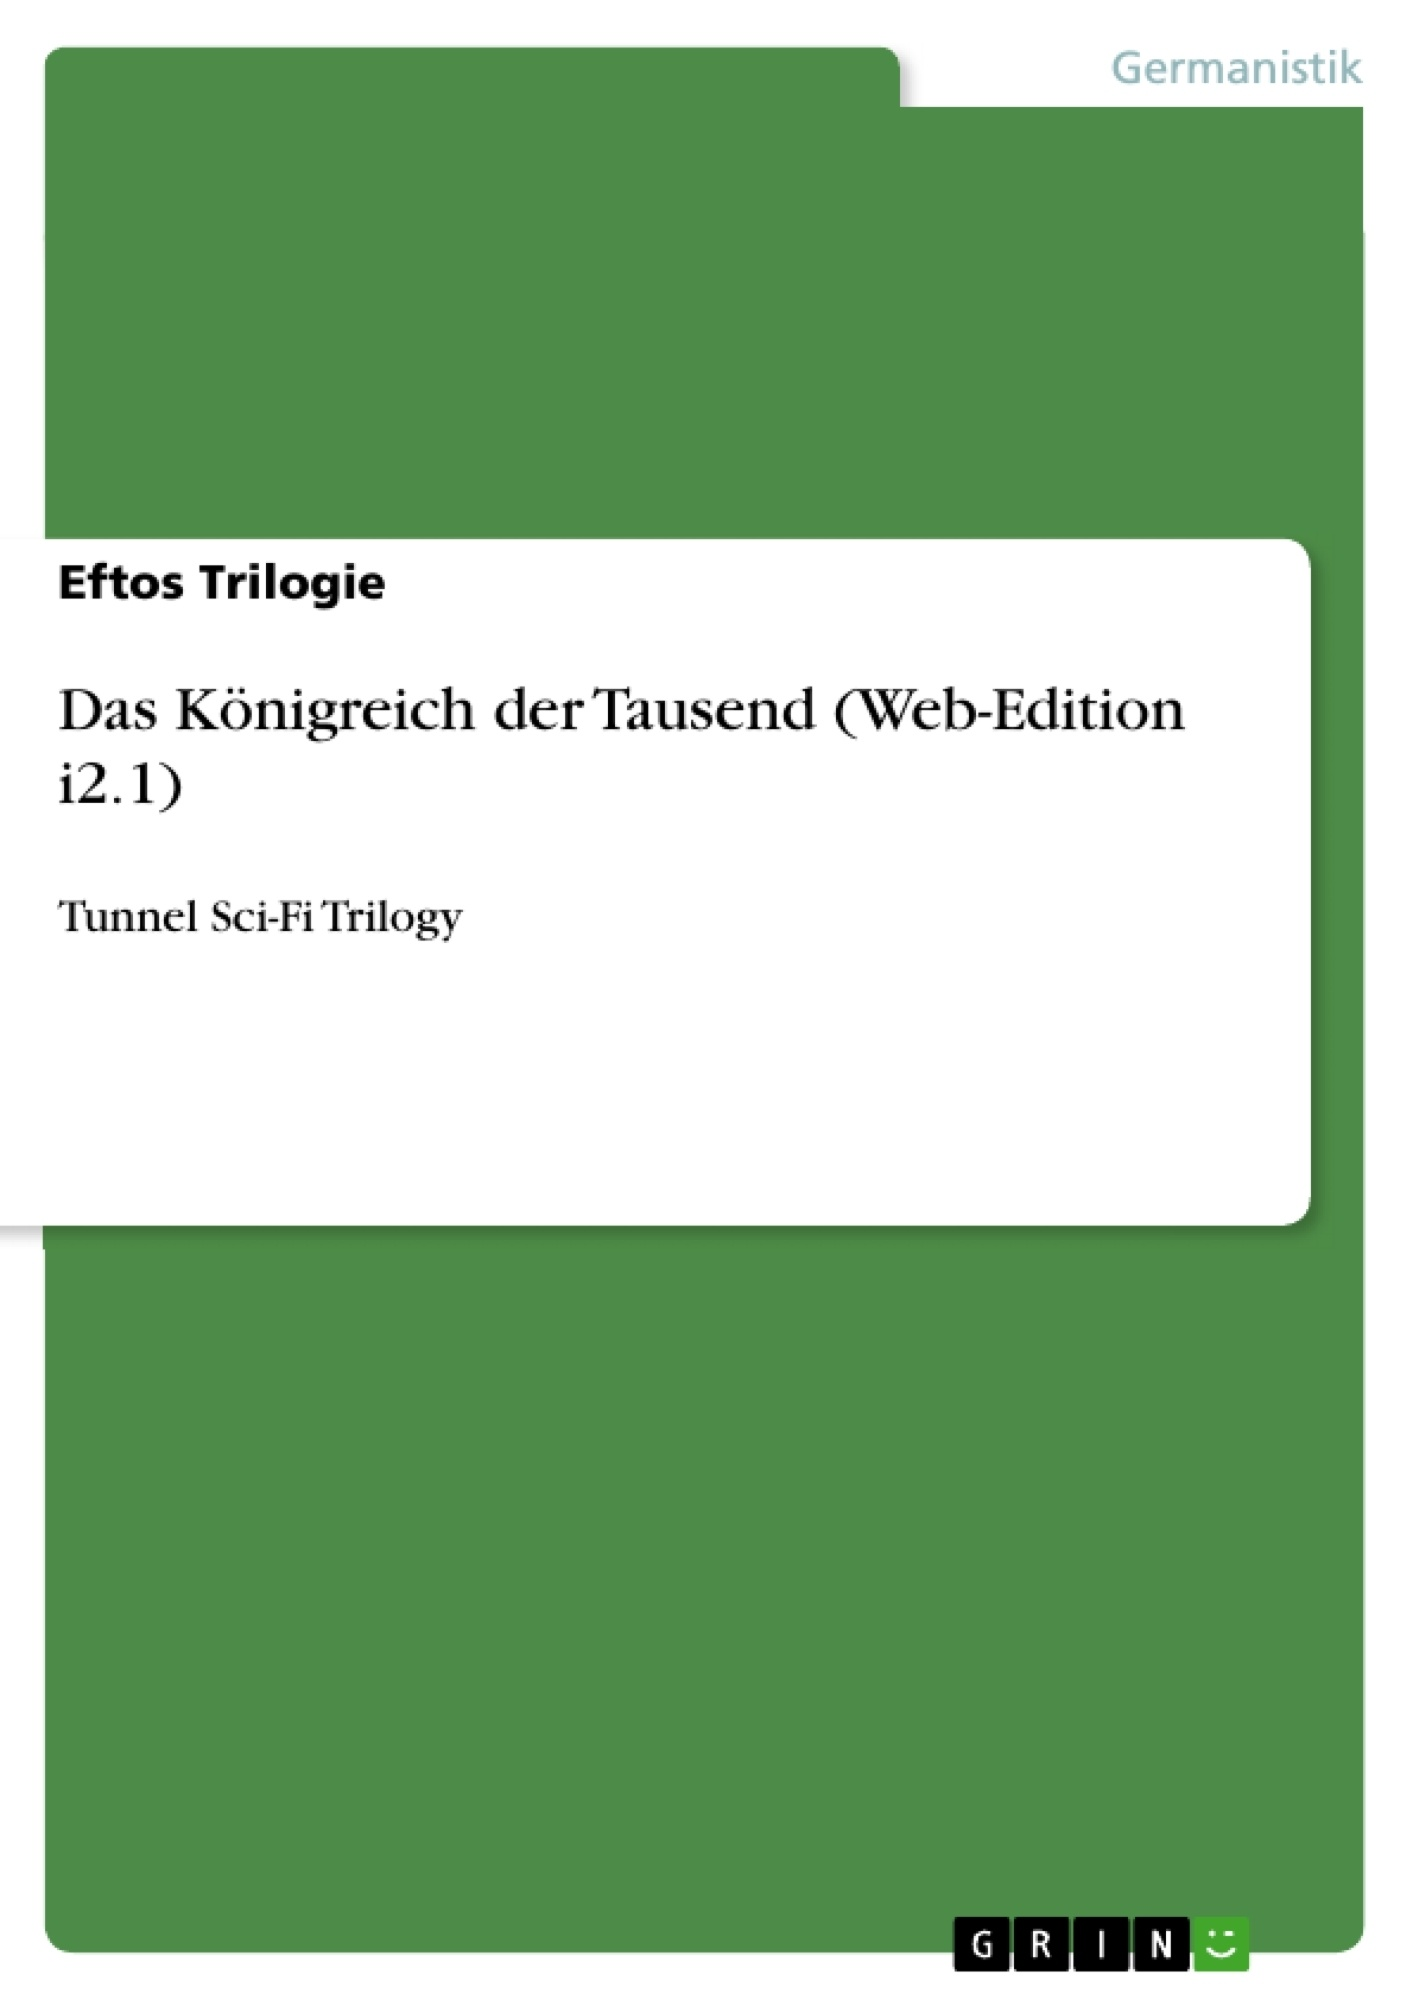 Titel: Das Königreich der Tausend (Web-Edition i2.1)